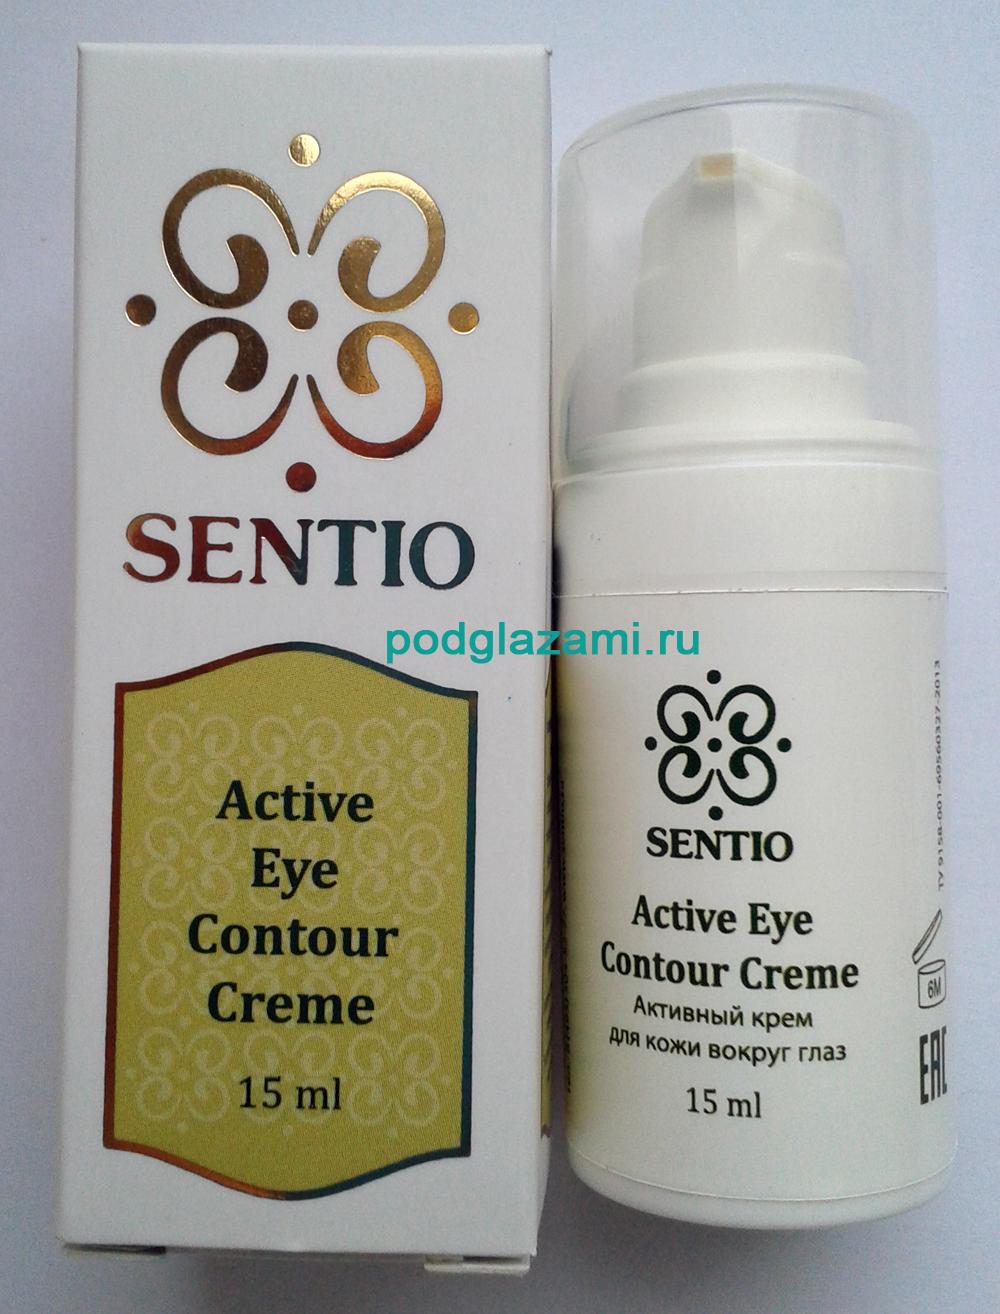 Sentio активный крем для кожи вокруг глаз: отзыв